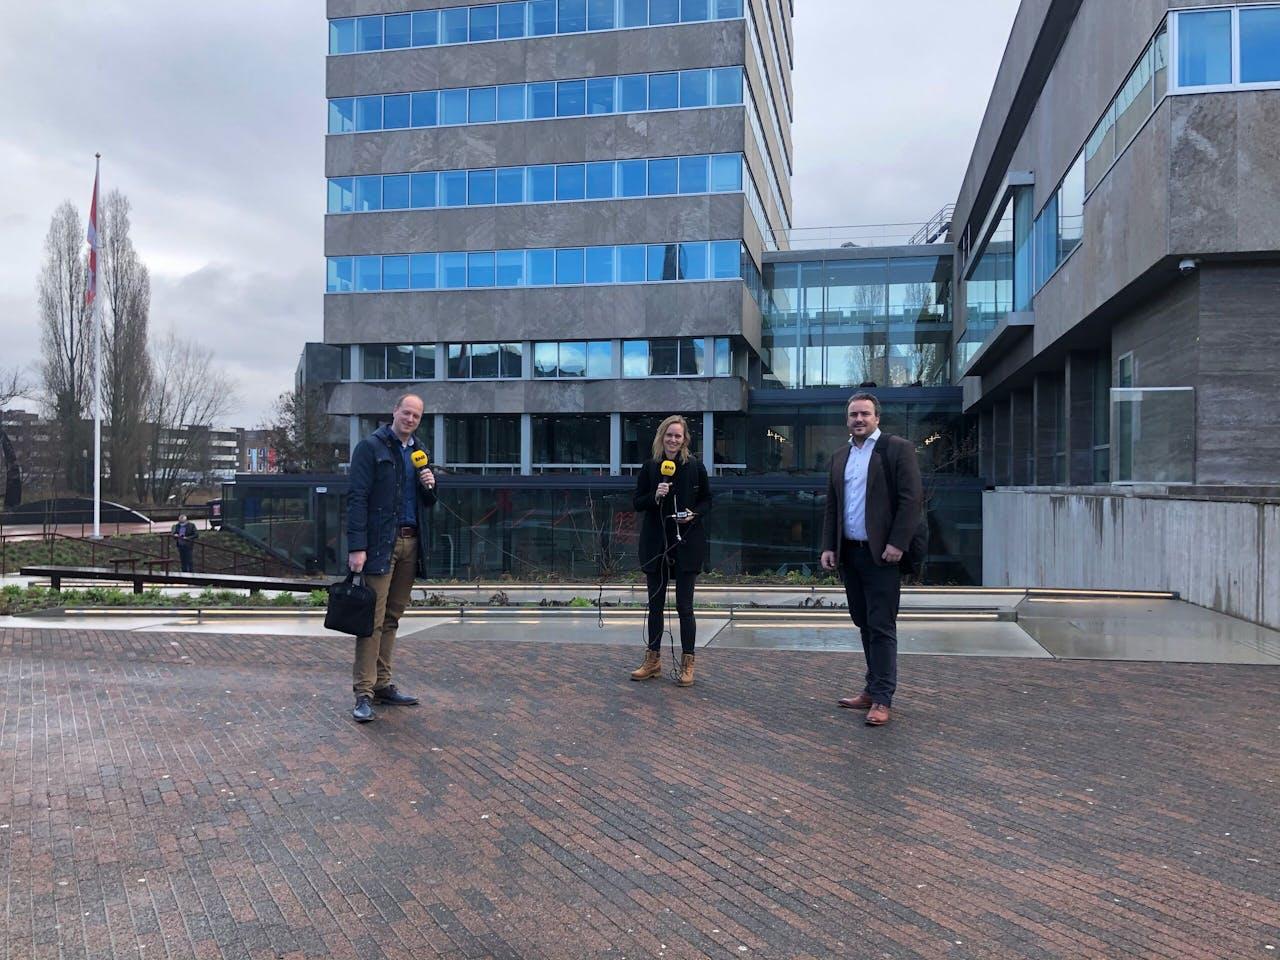 Op de achtergrond de gerenoveerde stadhuistoren in Eindhoven.